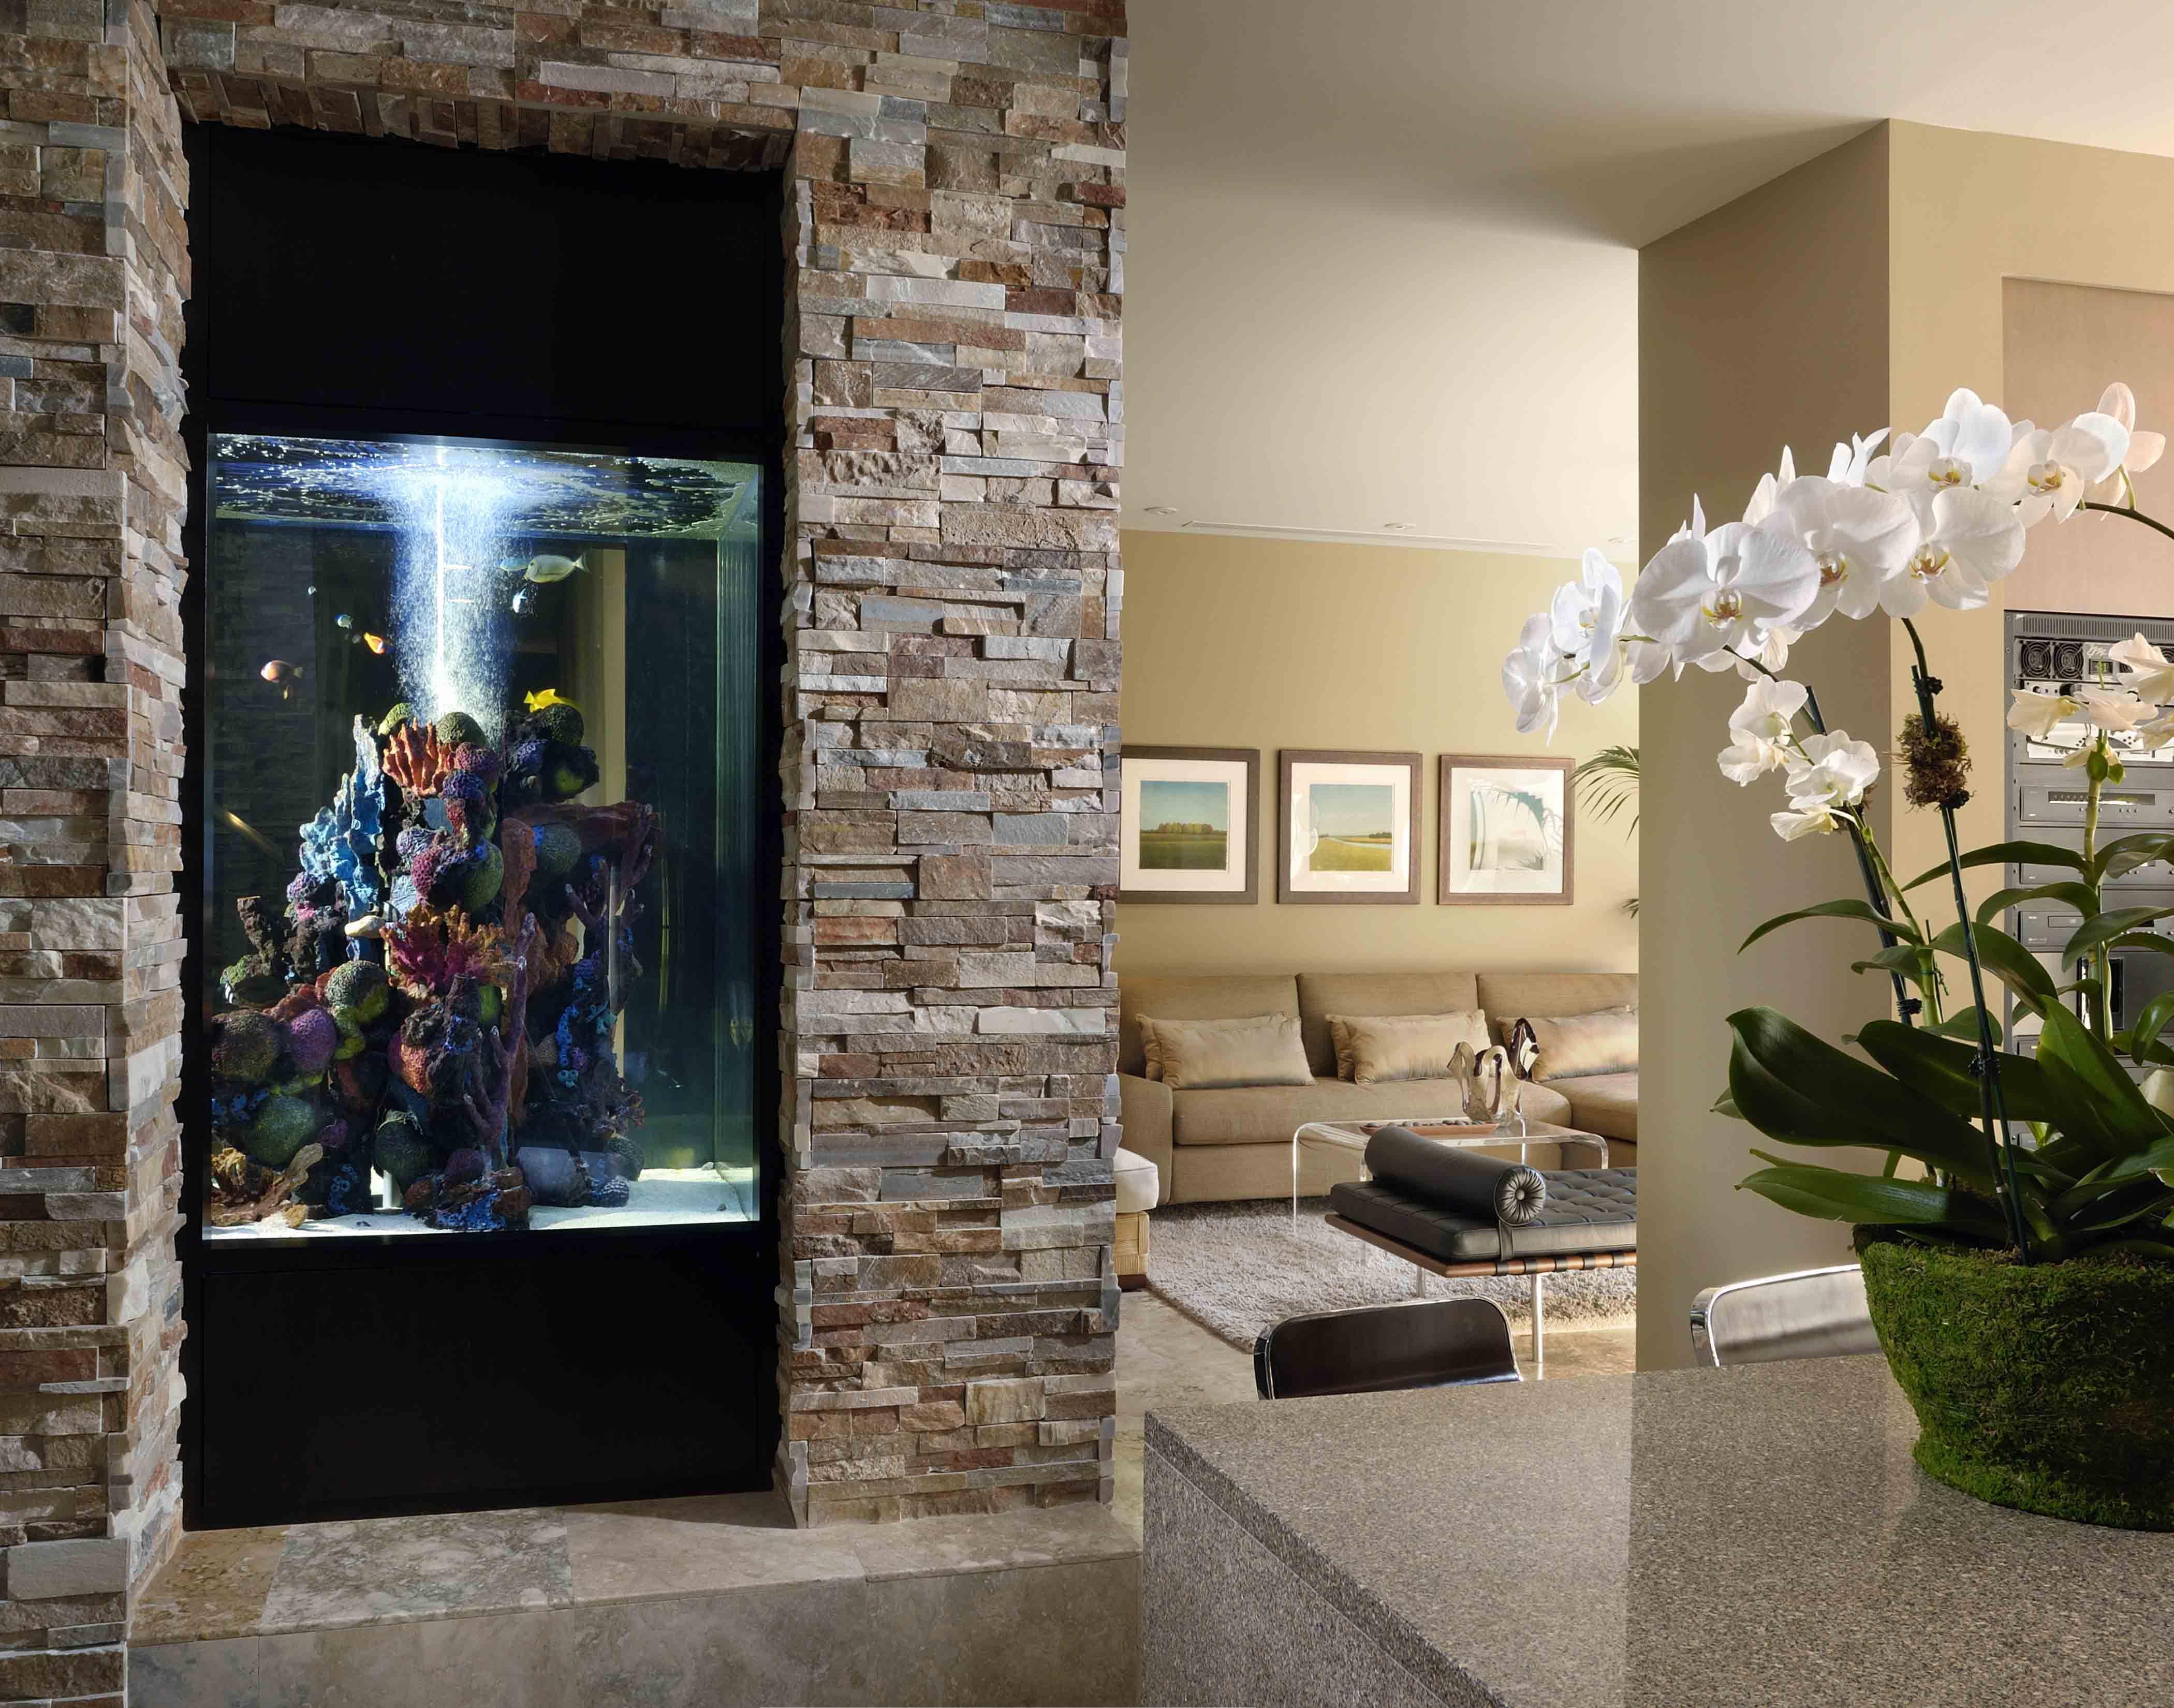 Architecture & Interior Design - www.PhilKeanDesigns.com # ...